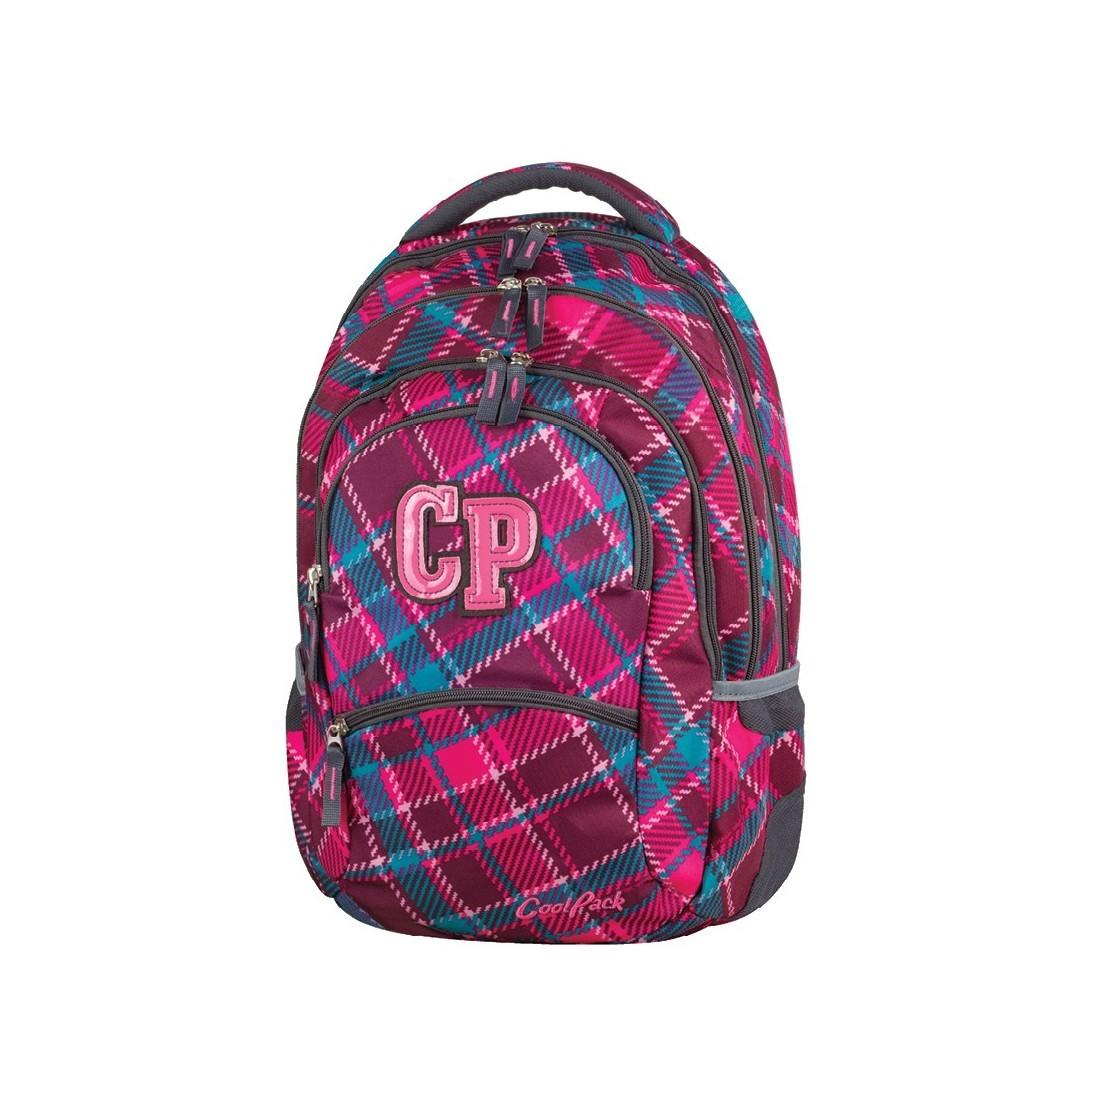 7587cde8877f9 Plecak młodzieżowy CoolPack CP COLLEGE CRANBERRY CHECK 630 wiśniowy w  kratkę - 5 przegród